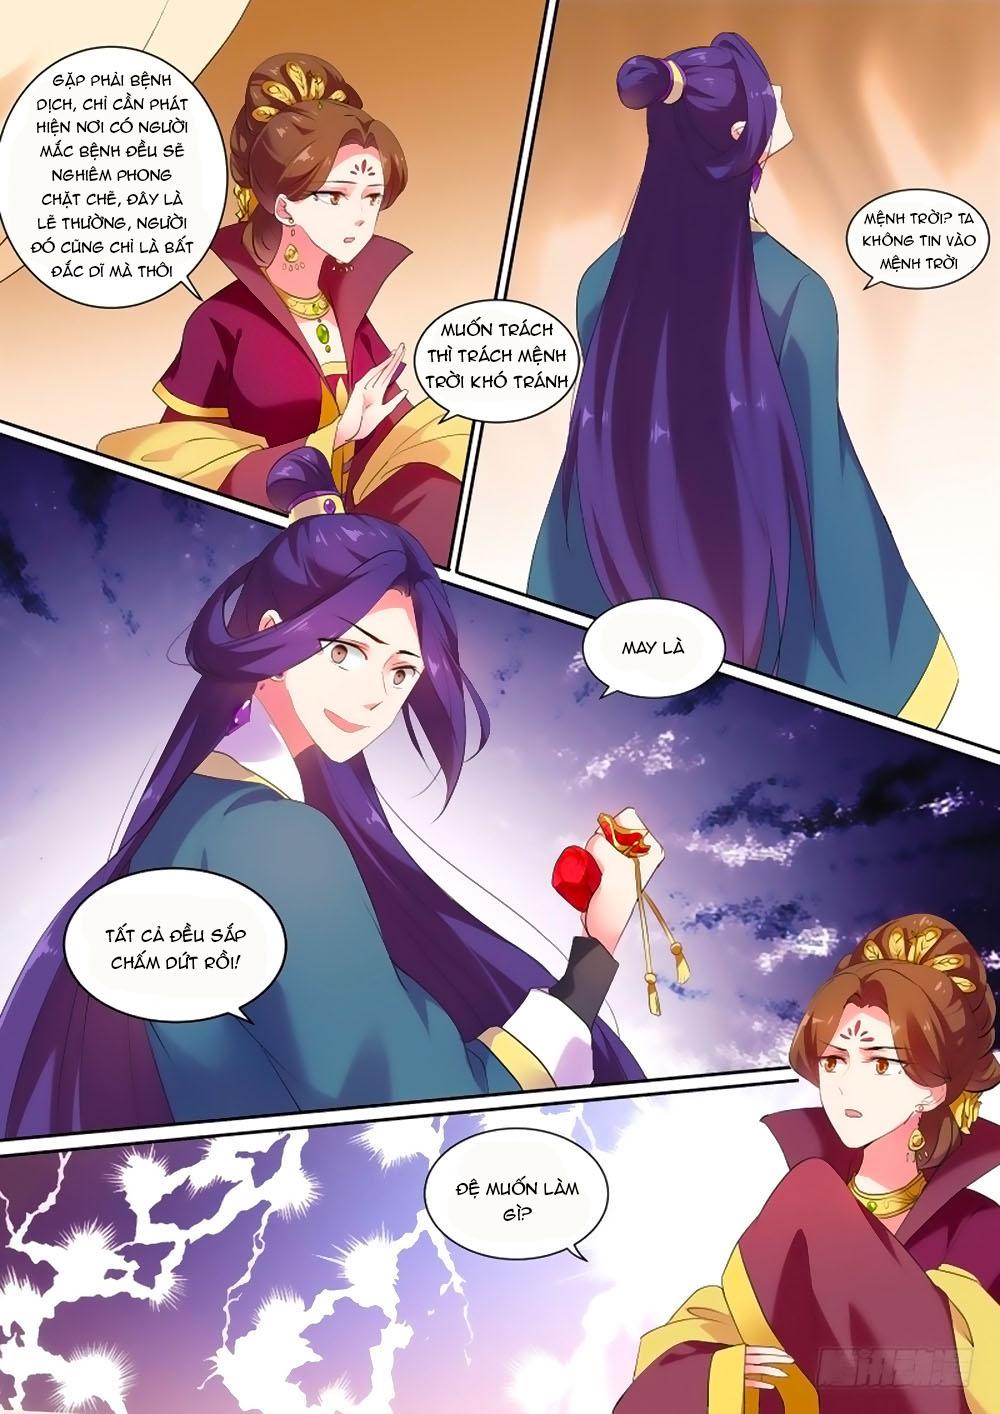 Hệ Thống Chế Tạo Nữ Thần chap 128 - Trang 3